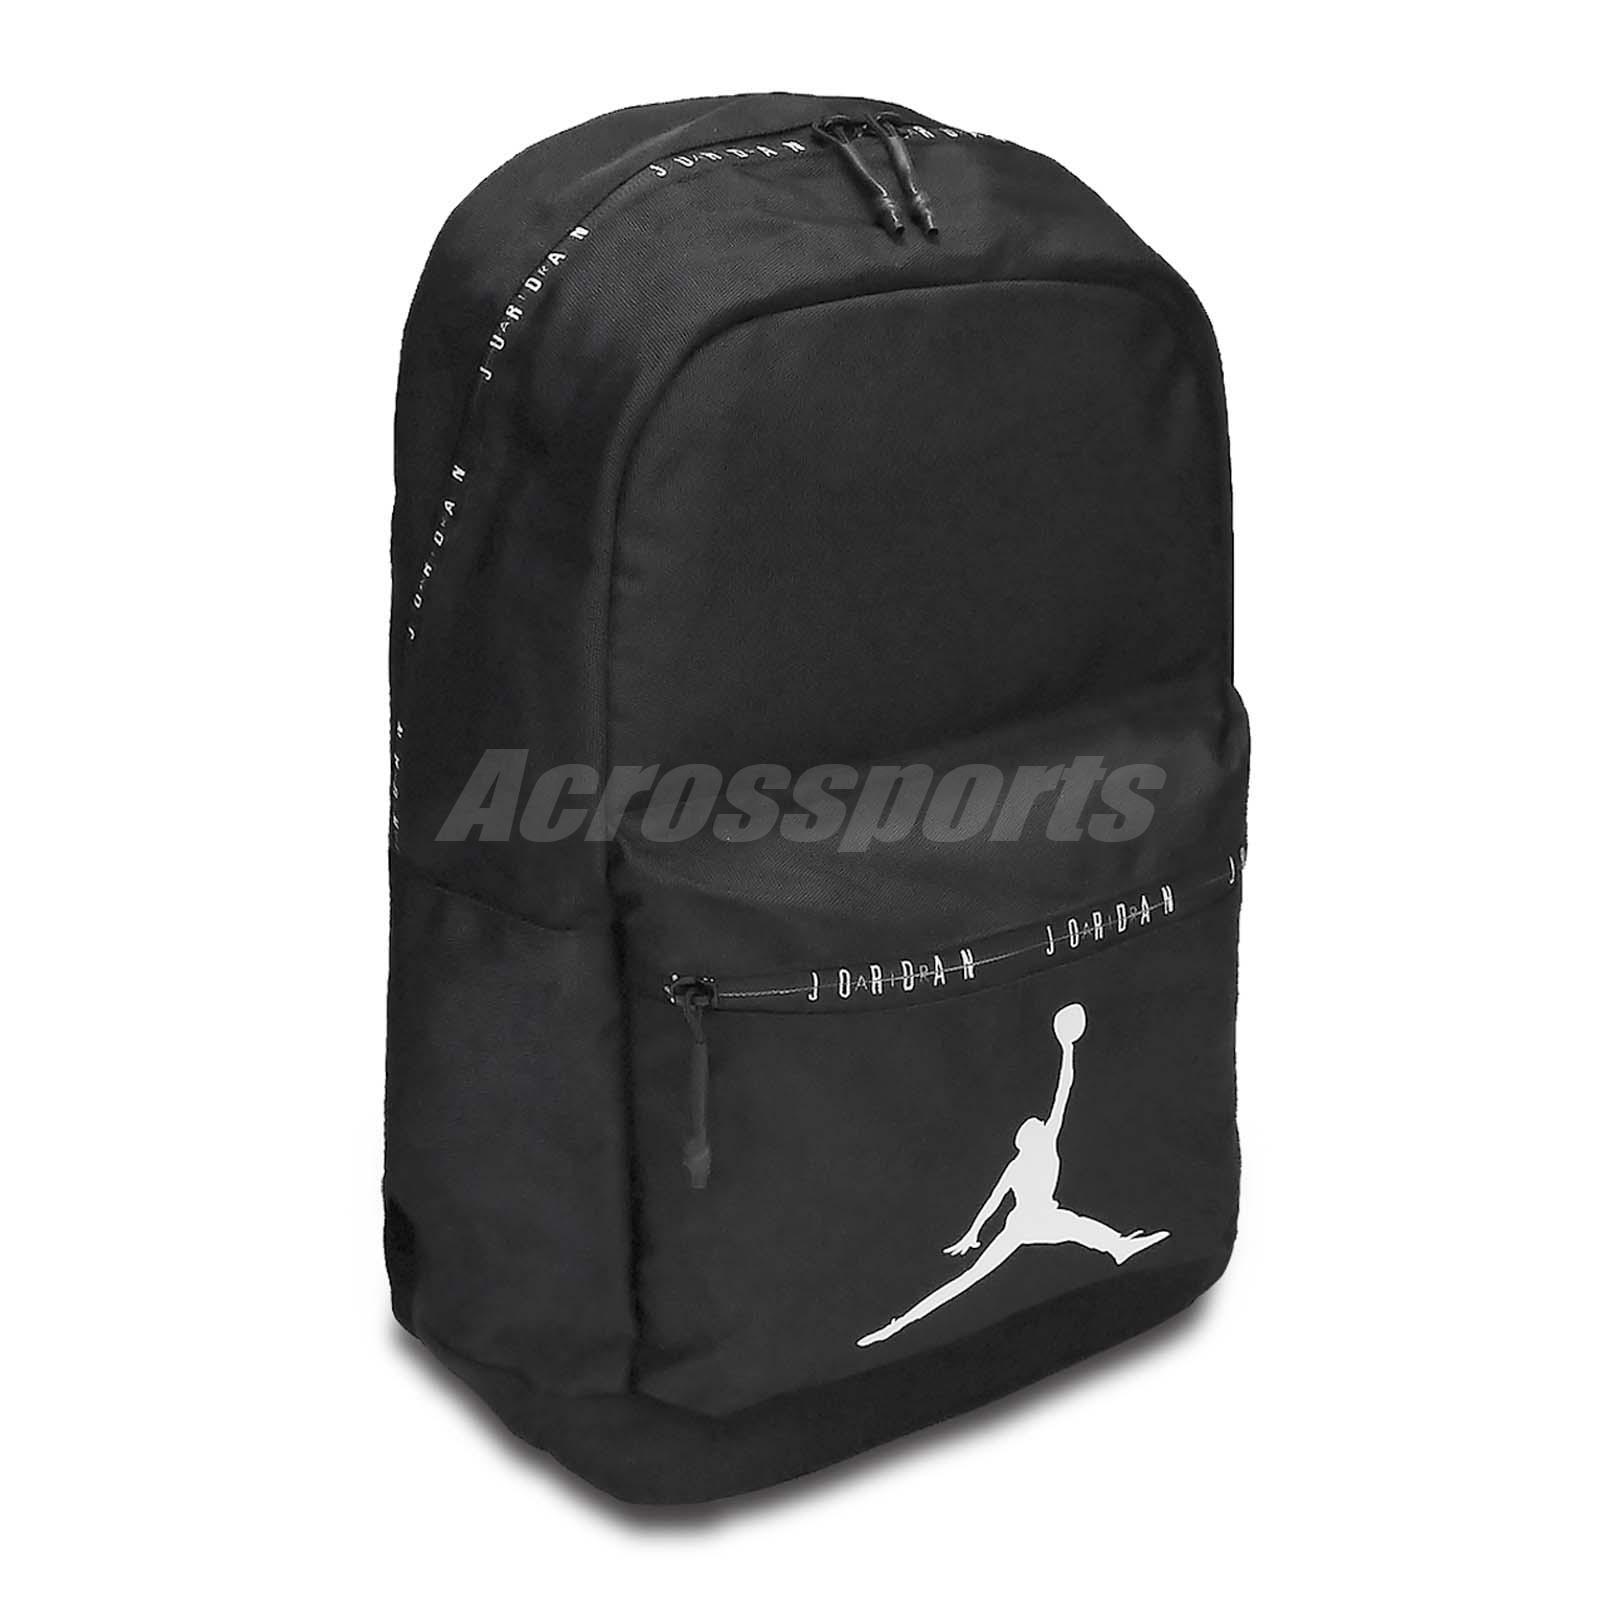 b255baa7a6ff2c Nike Jordan DNA Pack Backpack Black White Jumpman AJ Bag Rucksack 9A0207-023